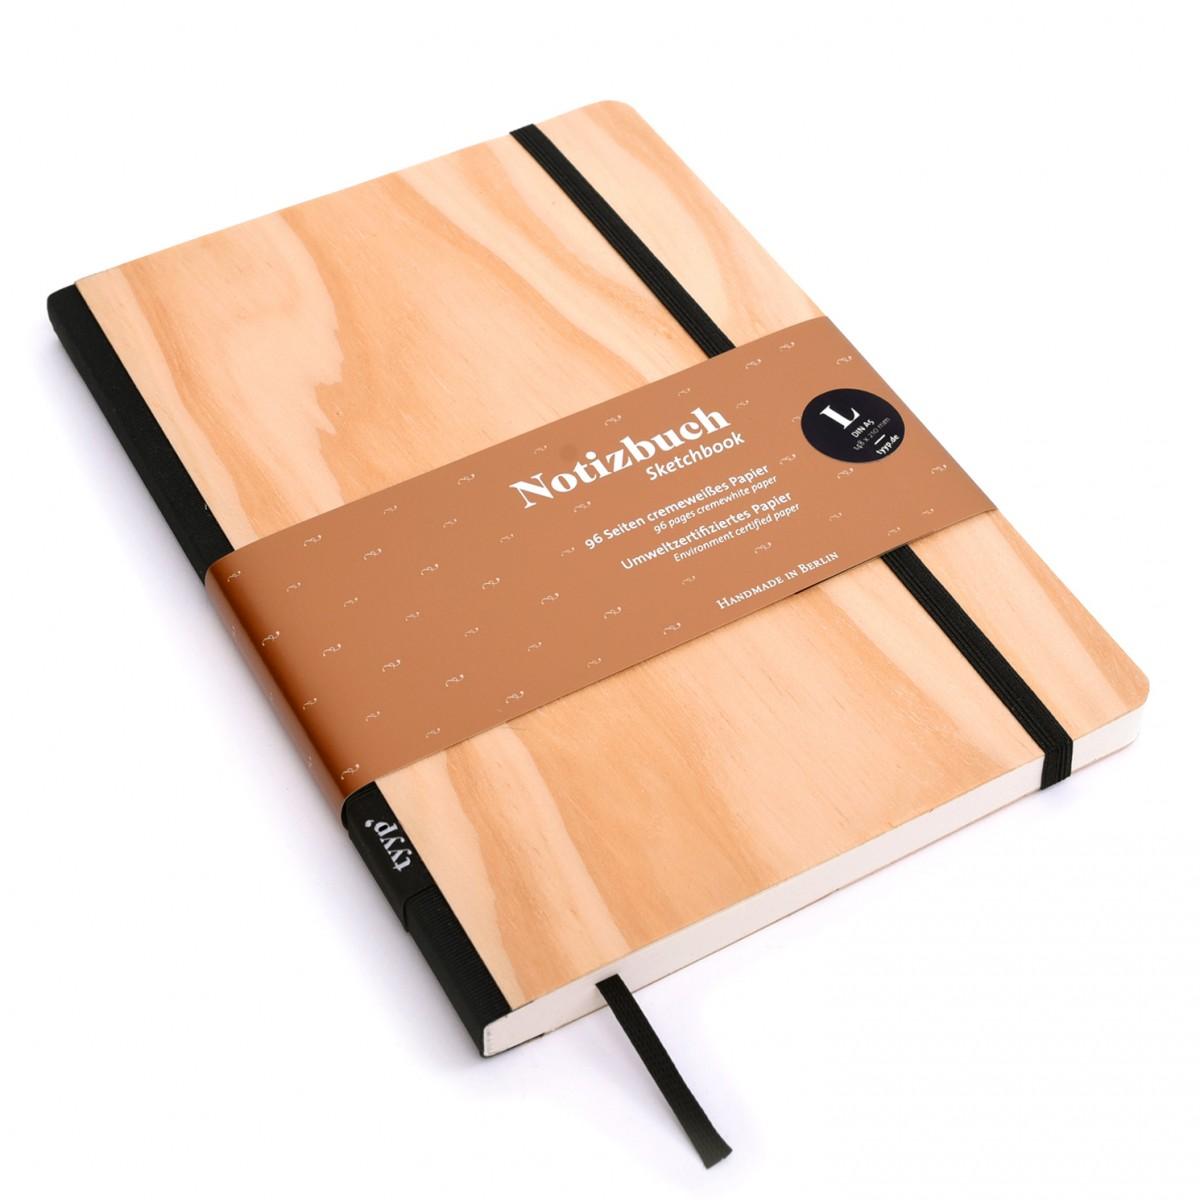 Notizbuch Echtholzfurnier Kiefer BerlinBook WOOD - DIN A5